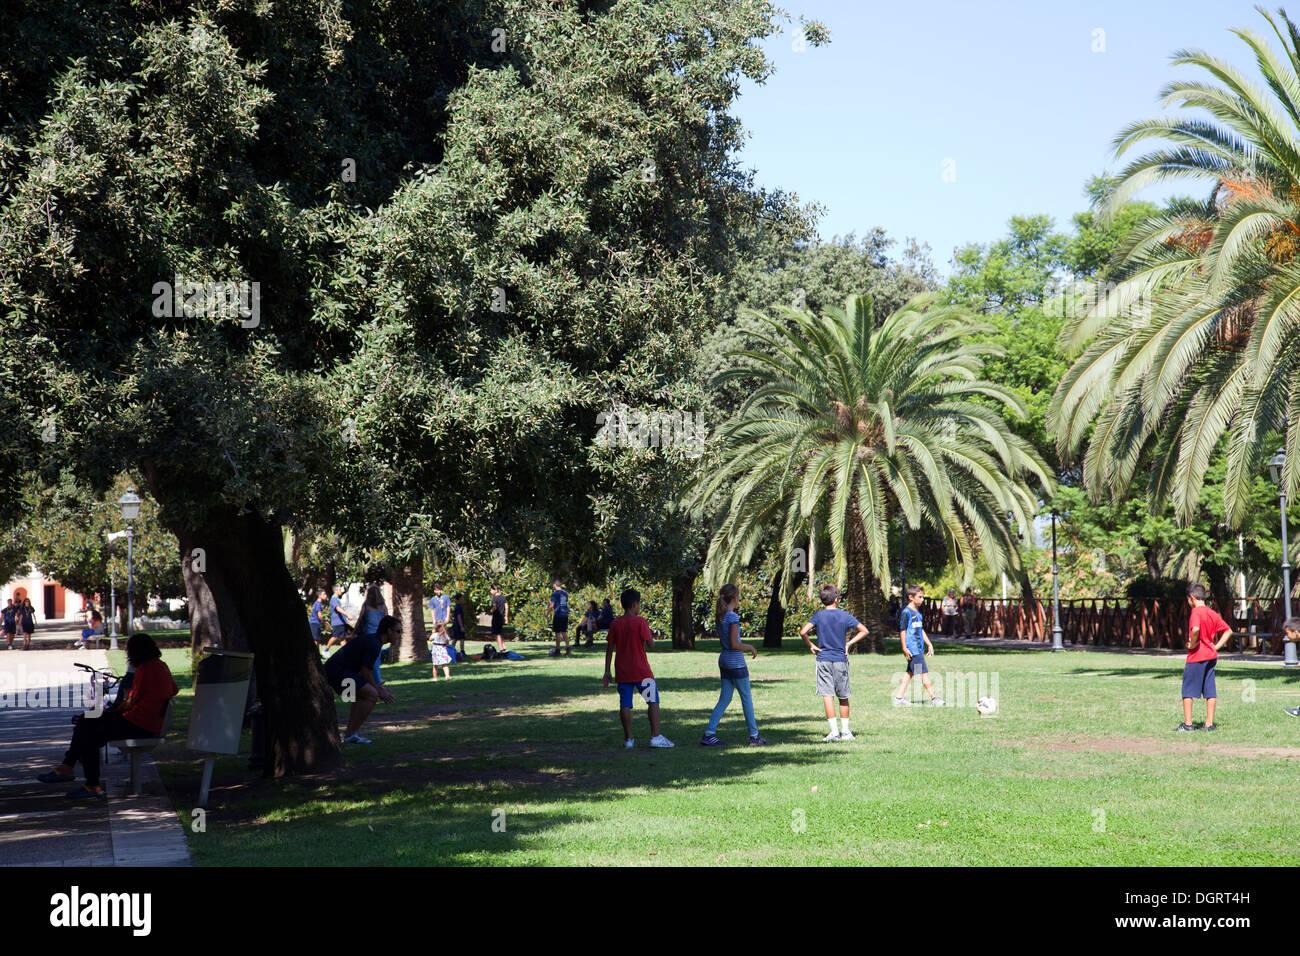 Giardini Pubblici or Public Gradens in Cagliari - Sardinia - Stock Image